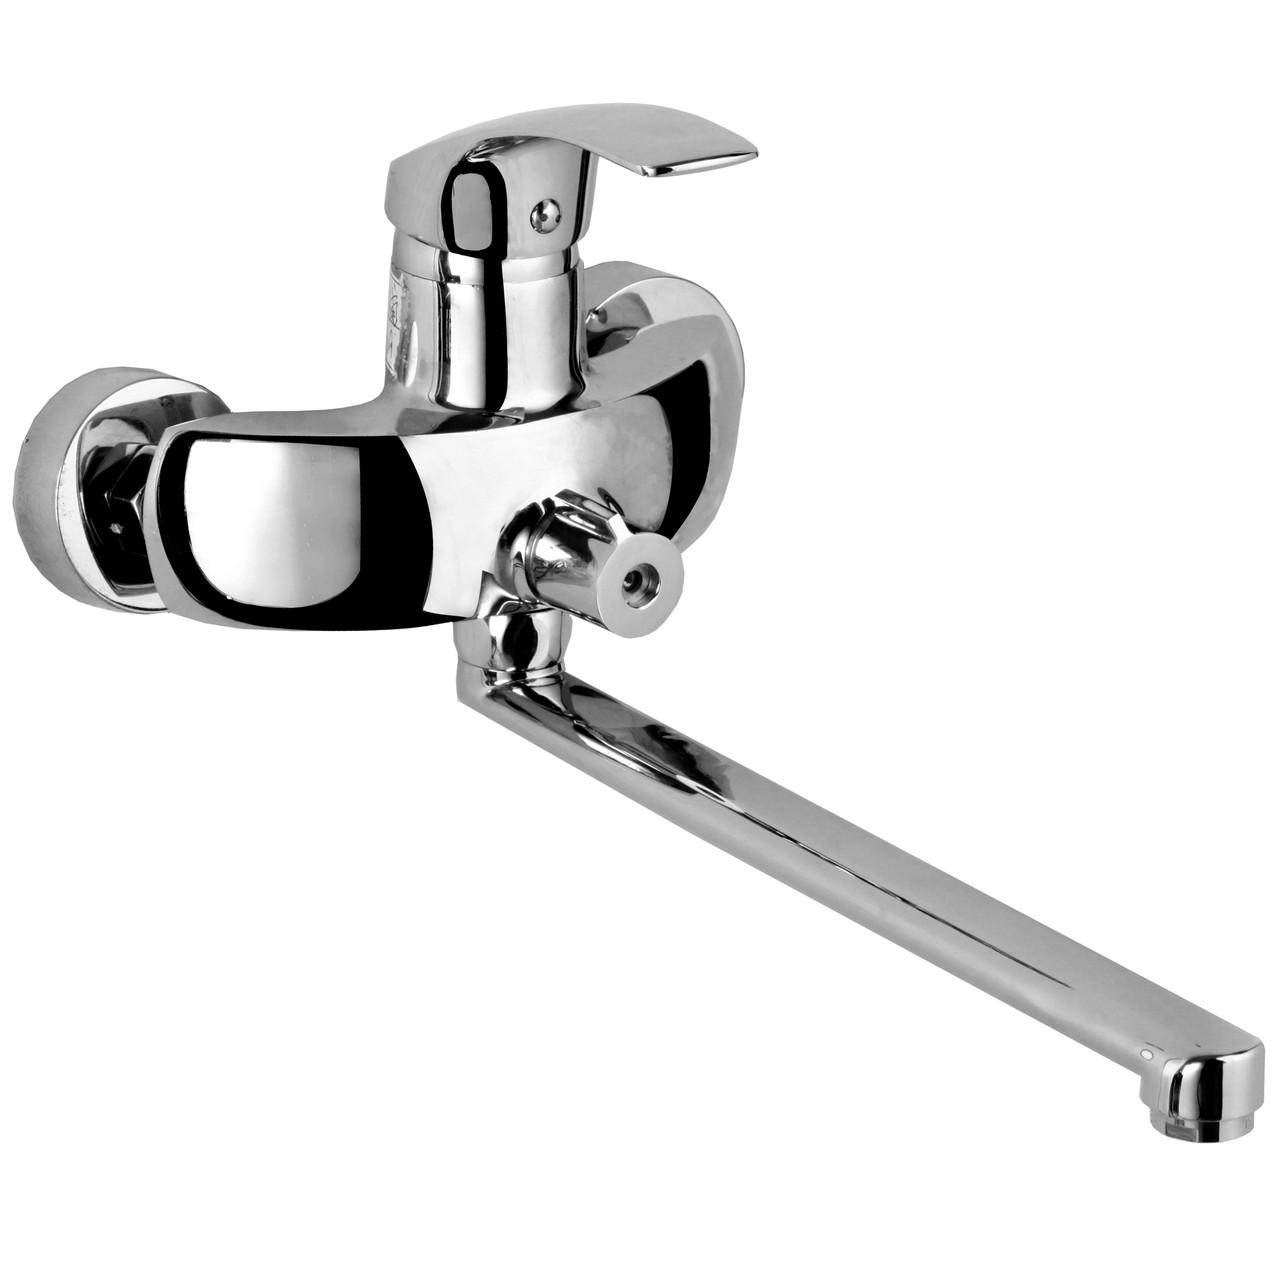 BARON смеситель для ванны однорычажный, переключатель ванна/душ встроен в корпус, L-излив 350 мм , х